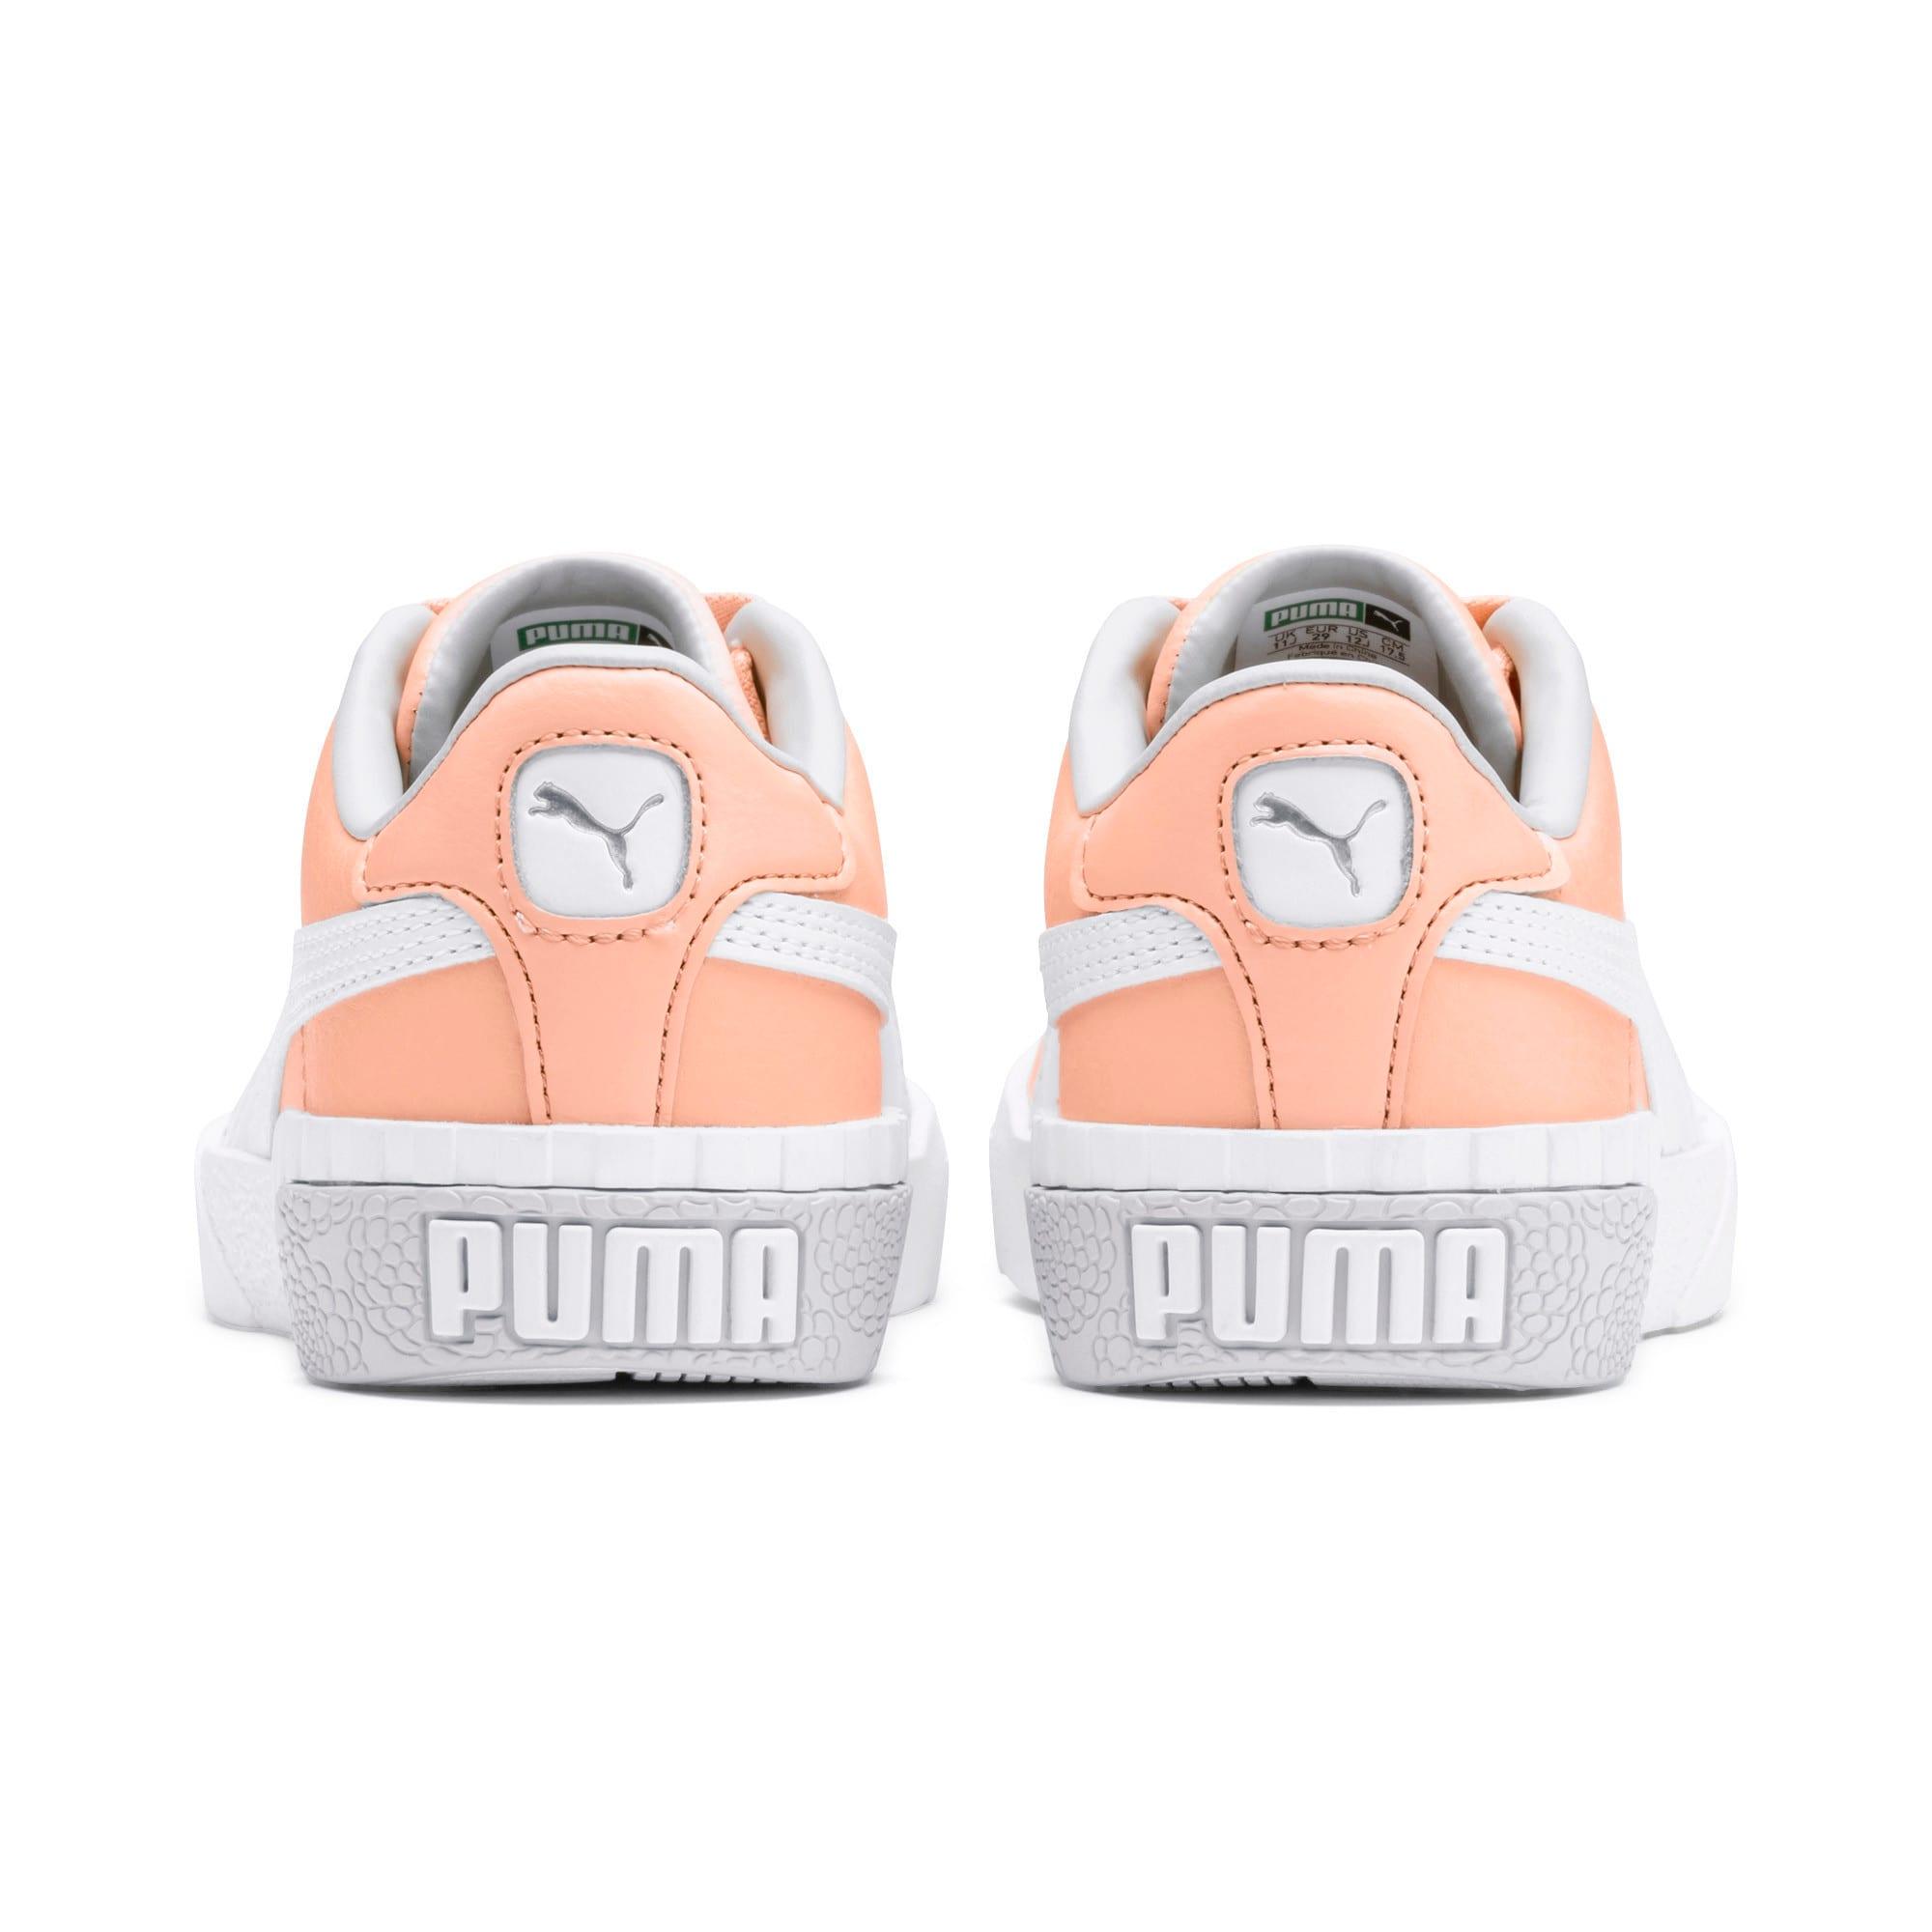 Thumbnail 3 of Cali Kids' Mädchen Sneaker, Peach Parfait-Heather, medium